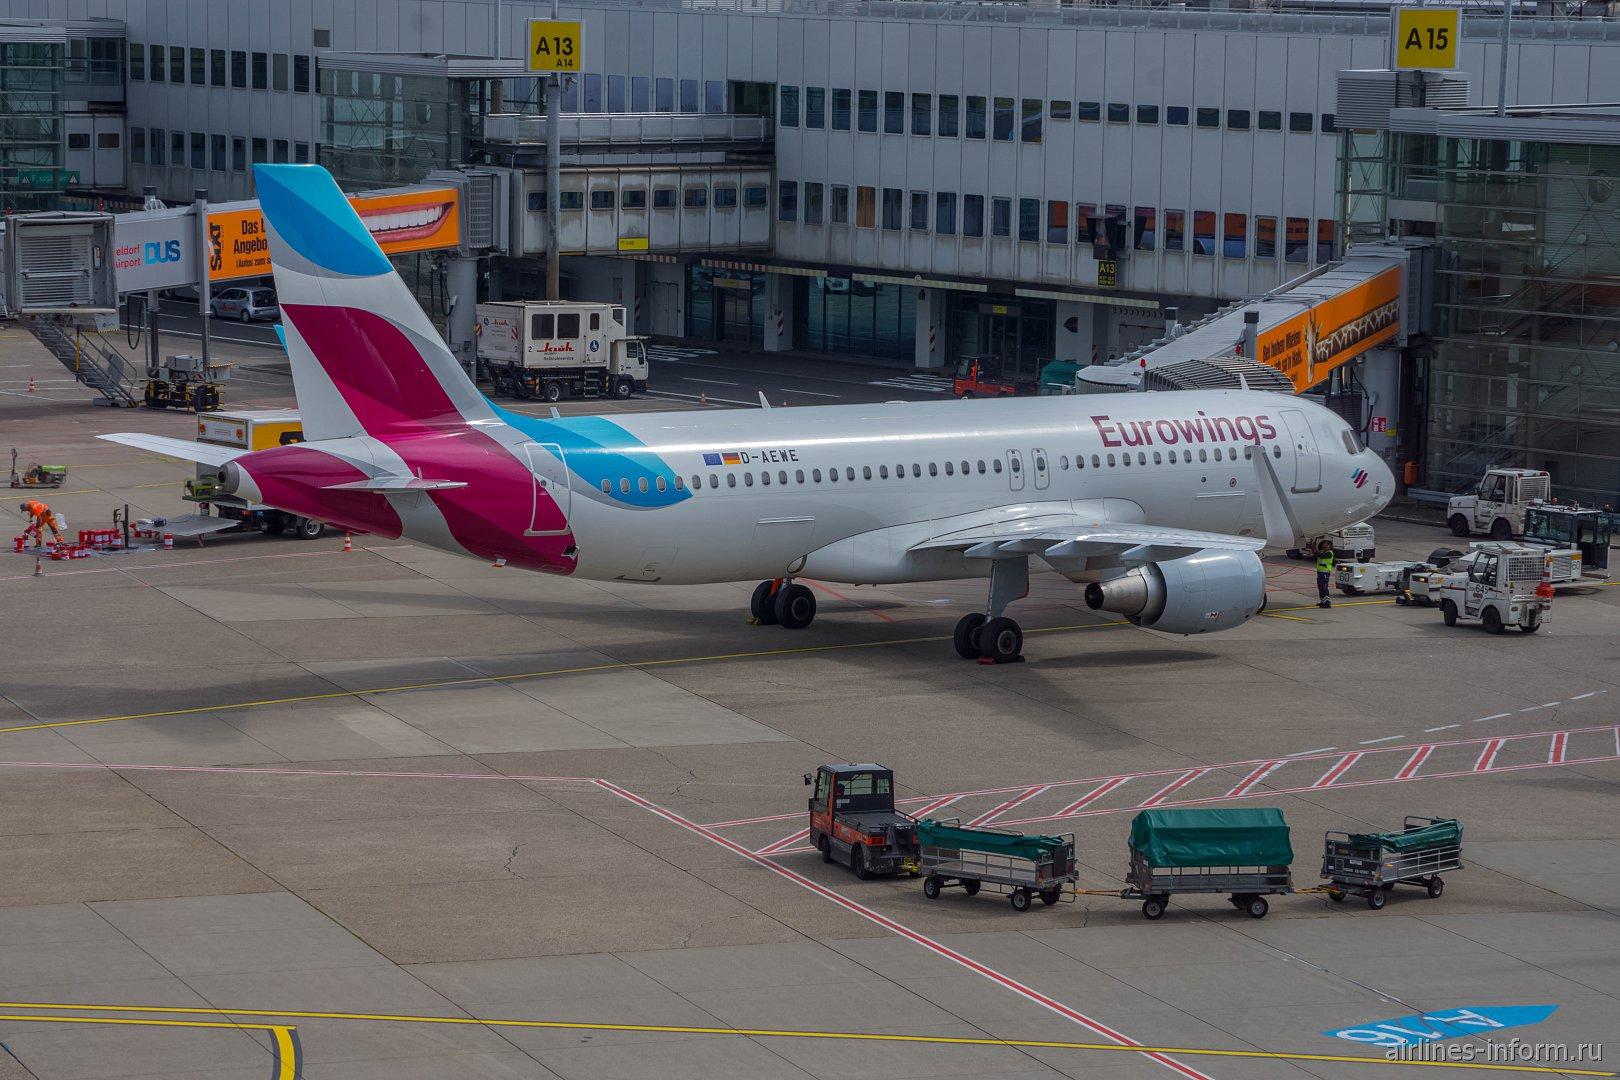 Airbus A320 авиакомпании Eurowings в аэропорту Дюссельдорфа